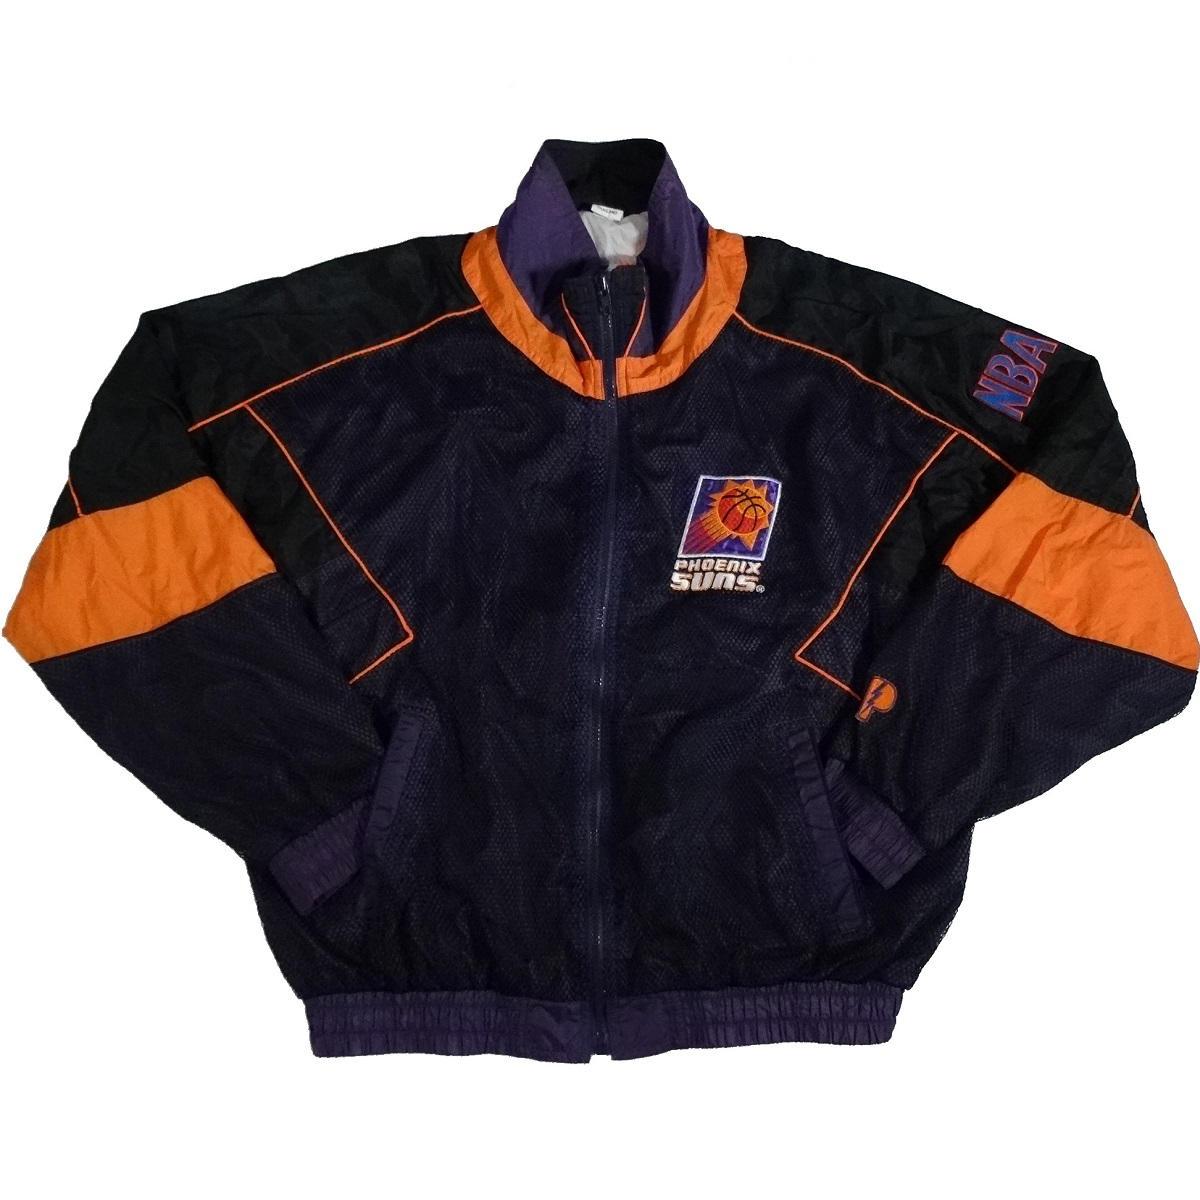 phoenix suns vintage pro player jacket front